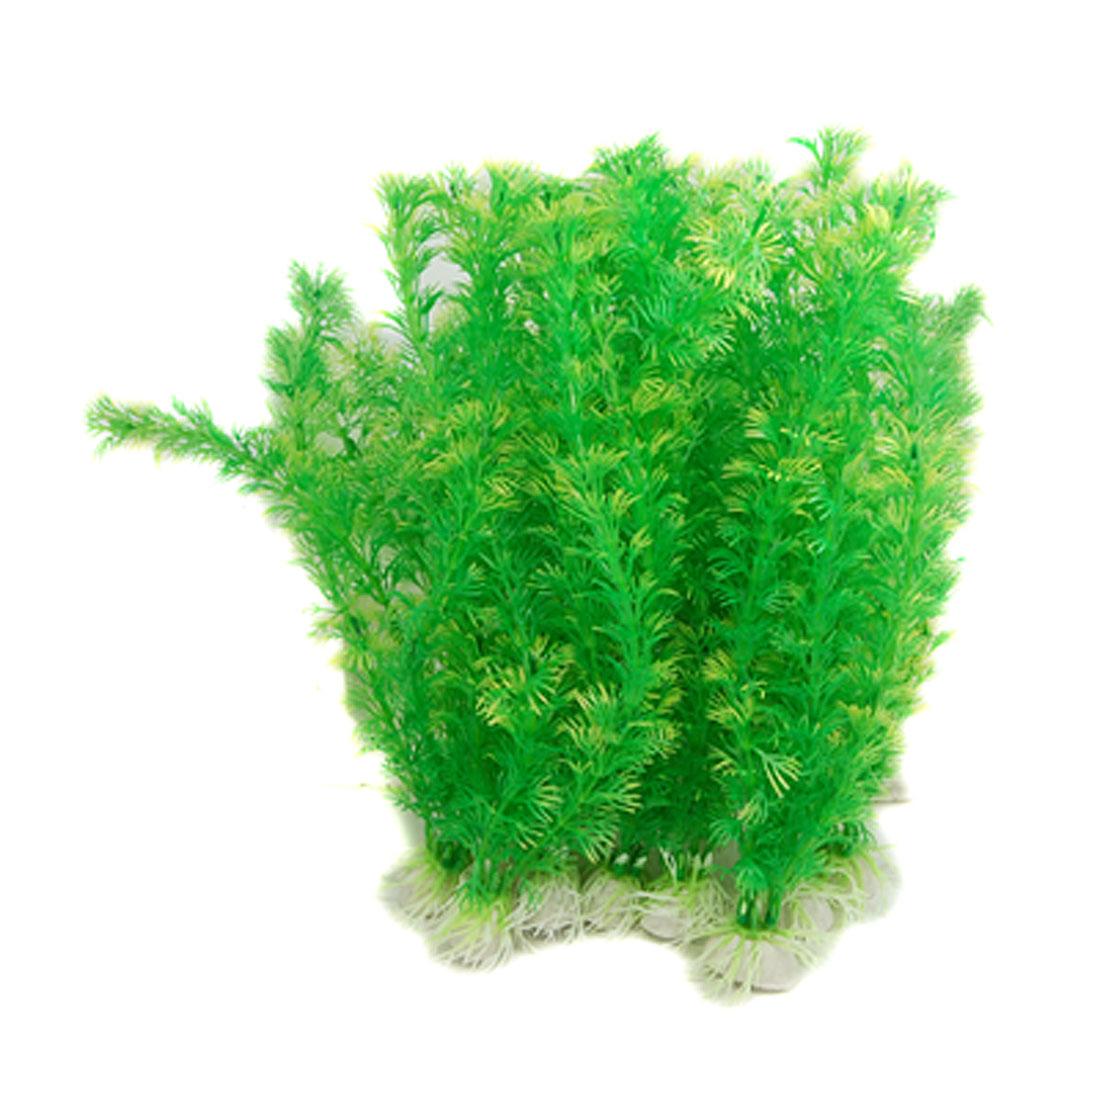 10 PCS Green Plastic Ornament Grass Decoration for Aquarium Tank